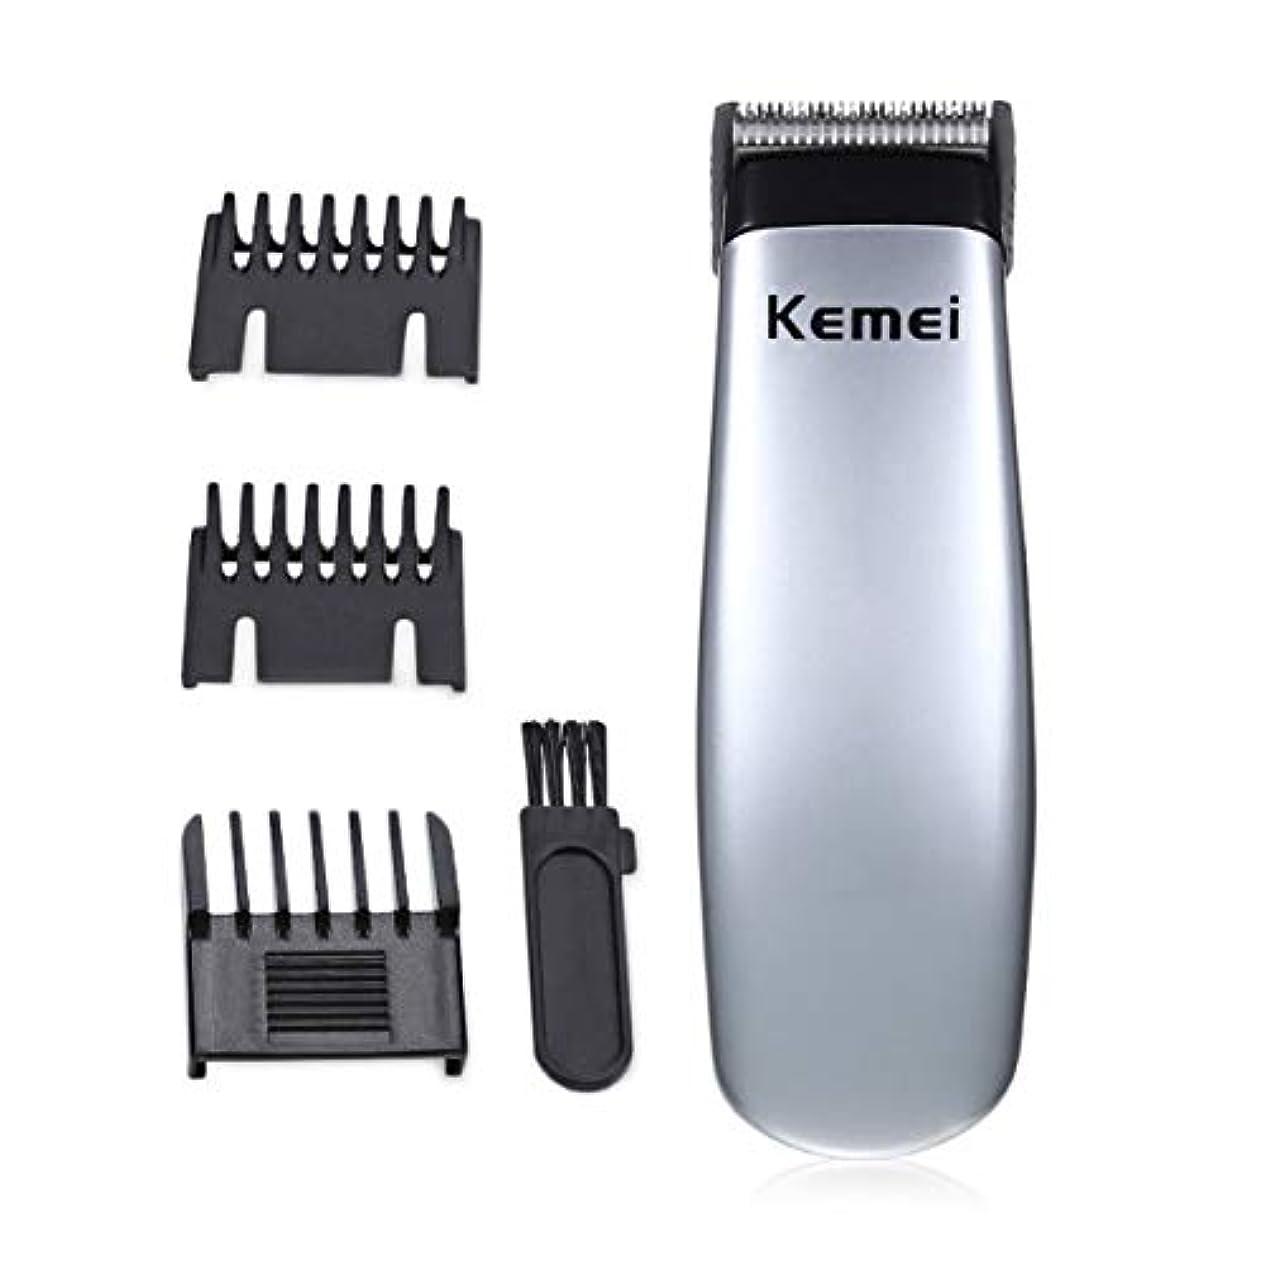 タイトル適度な巡礼者KEMEI KM-666プロフェッショナルビアードヘアトリマーヘアカッター電動バリカンヘアカッティングマシンヘアリムーバー - シルバー&ブラック